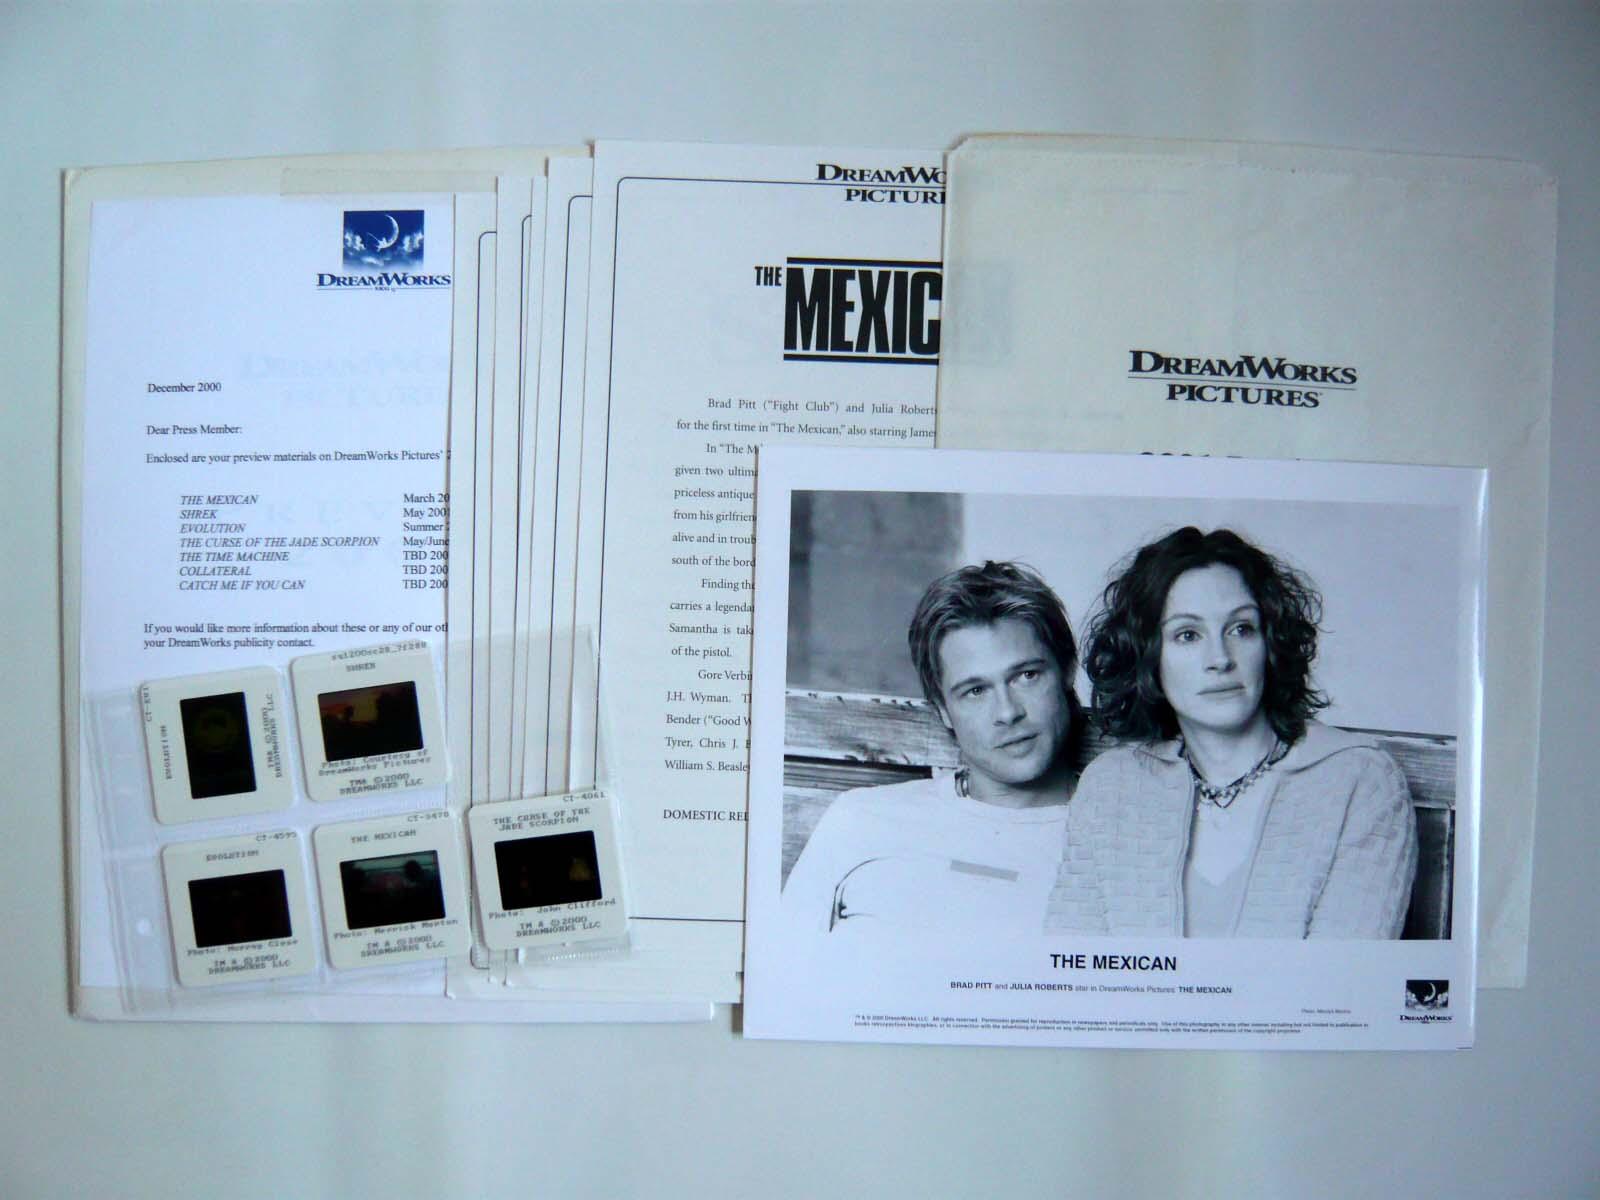 画像1: ドリームワークス2001プレビュー US版オリジナルプレスキット